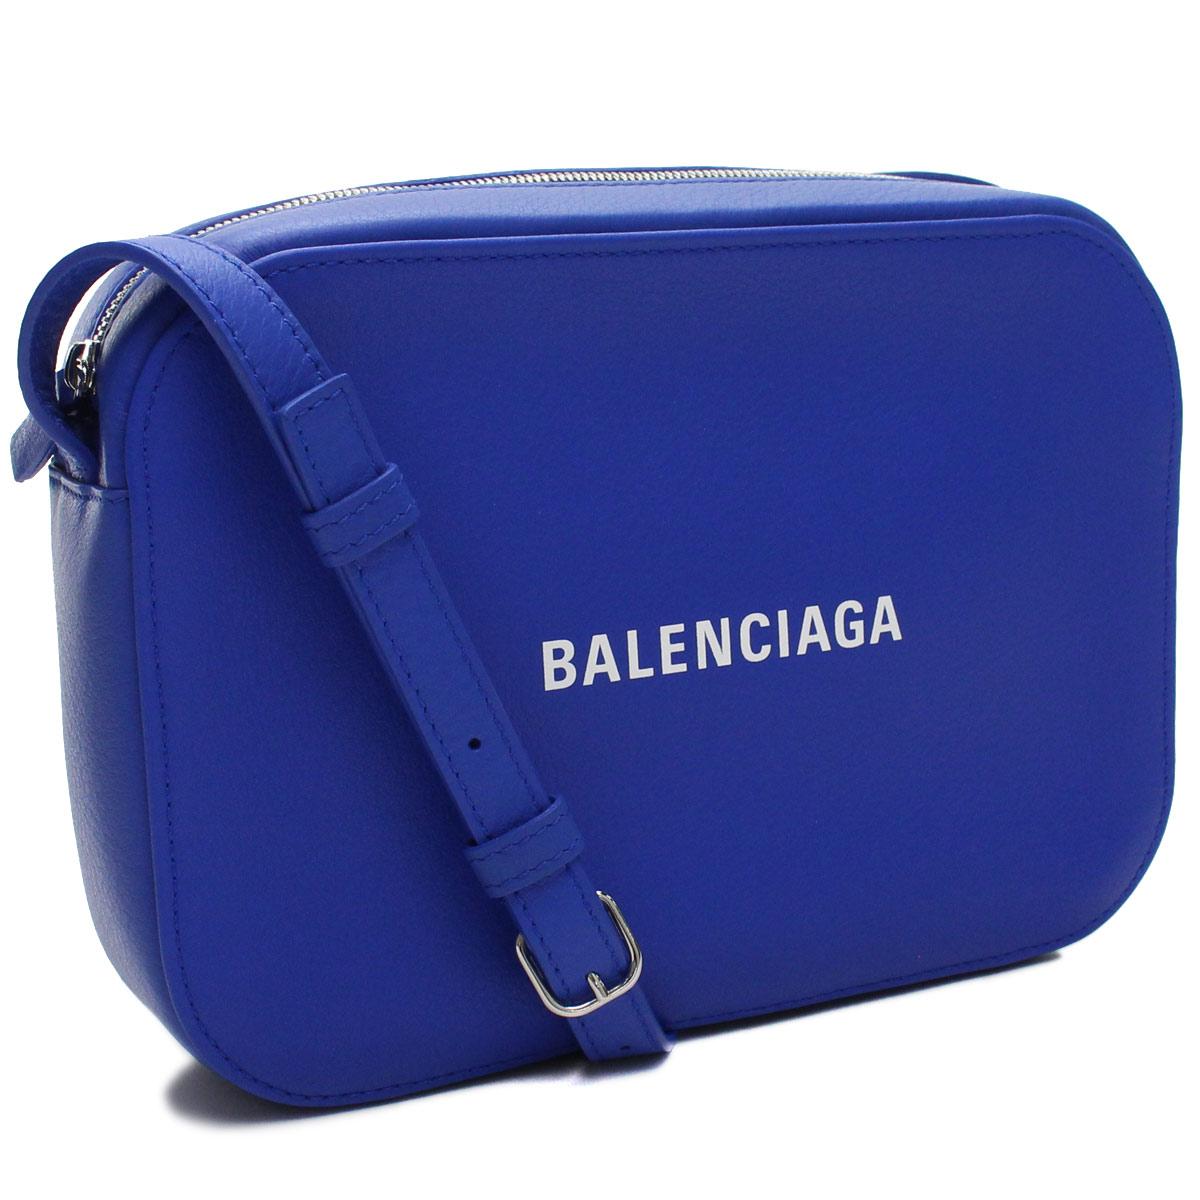 バレンシアガ BALENCIAGA EVERYDAY エブリデイ 斜め掛け ショルダーバッグ 552370 D6W2N 4265 ブルー系 レディース